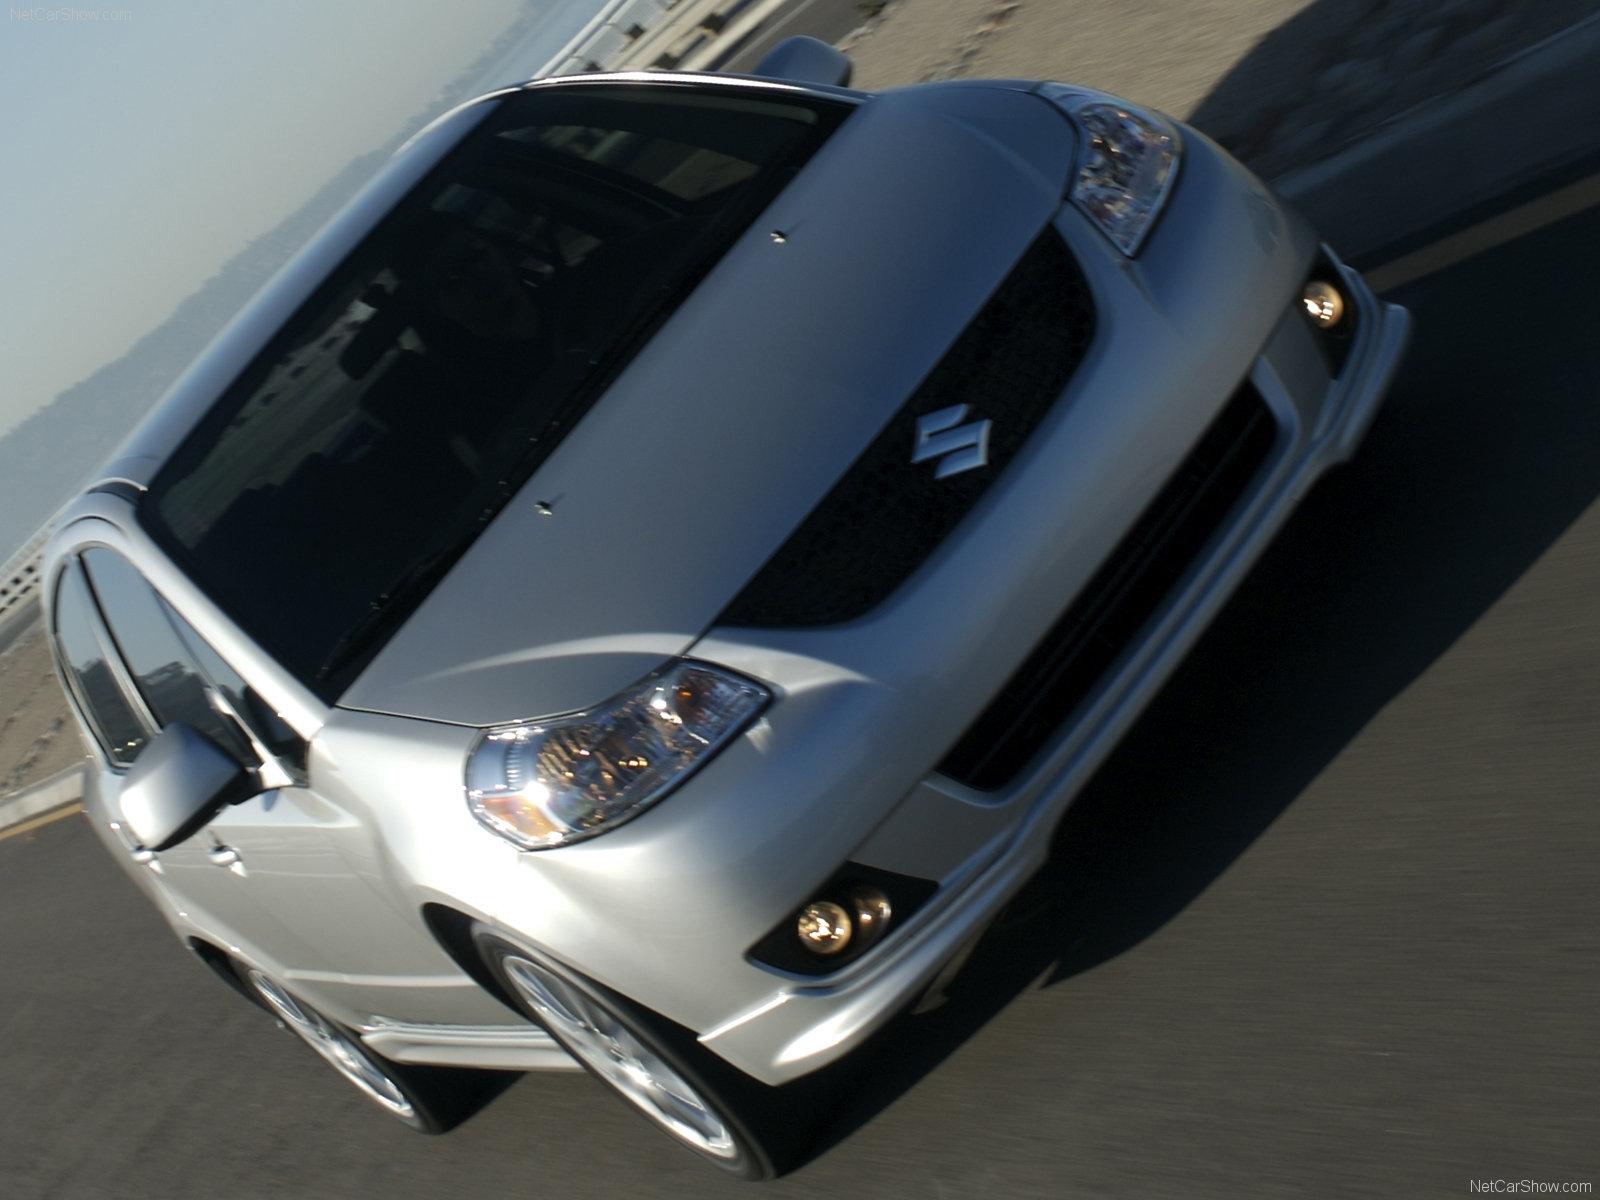 Hình ảnh xe ô tô Suzuki SX4 Sedan 2008 & nội ngoại thất